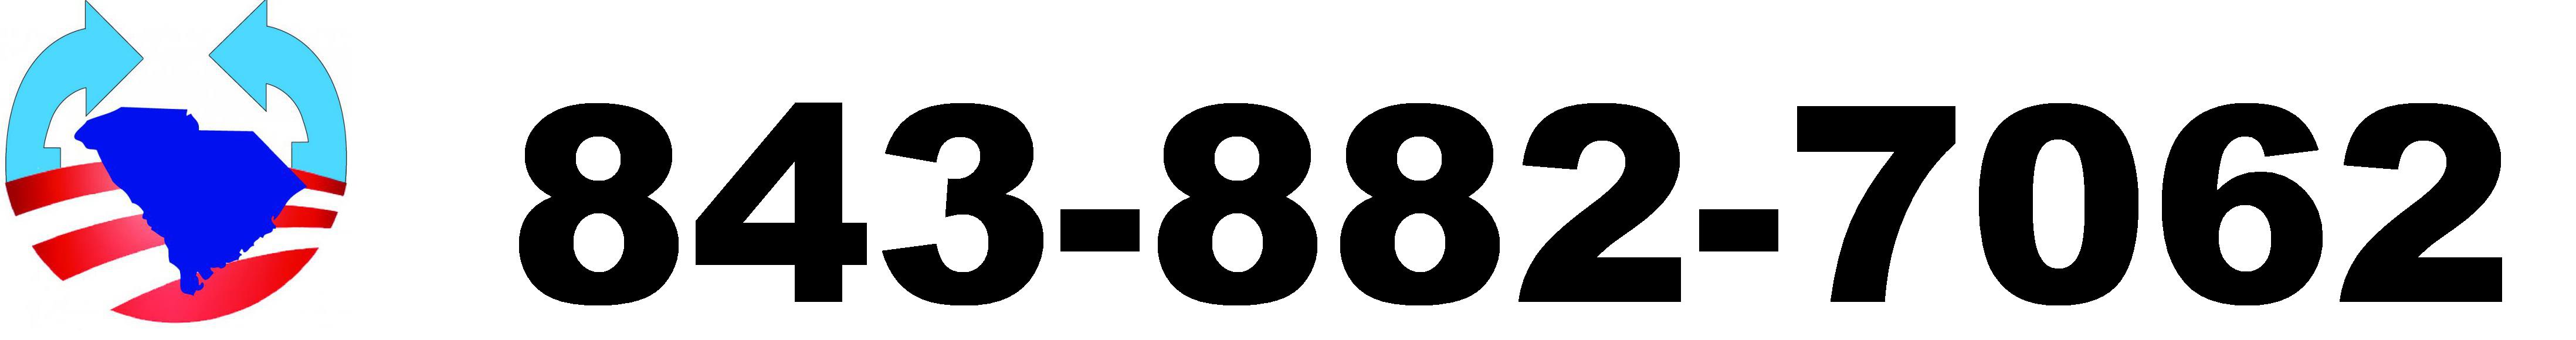 Logo1withphone